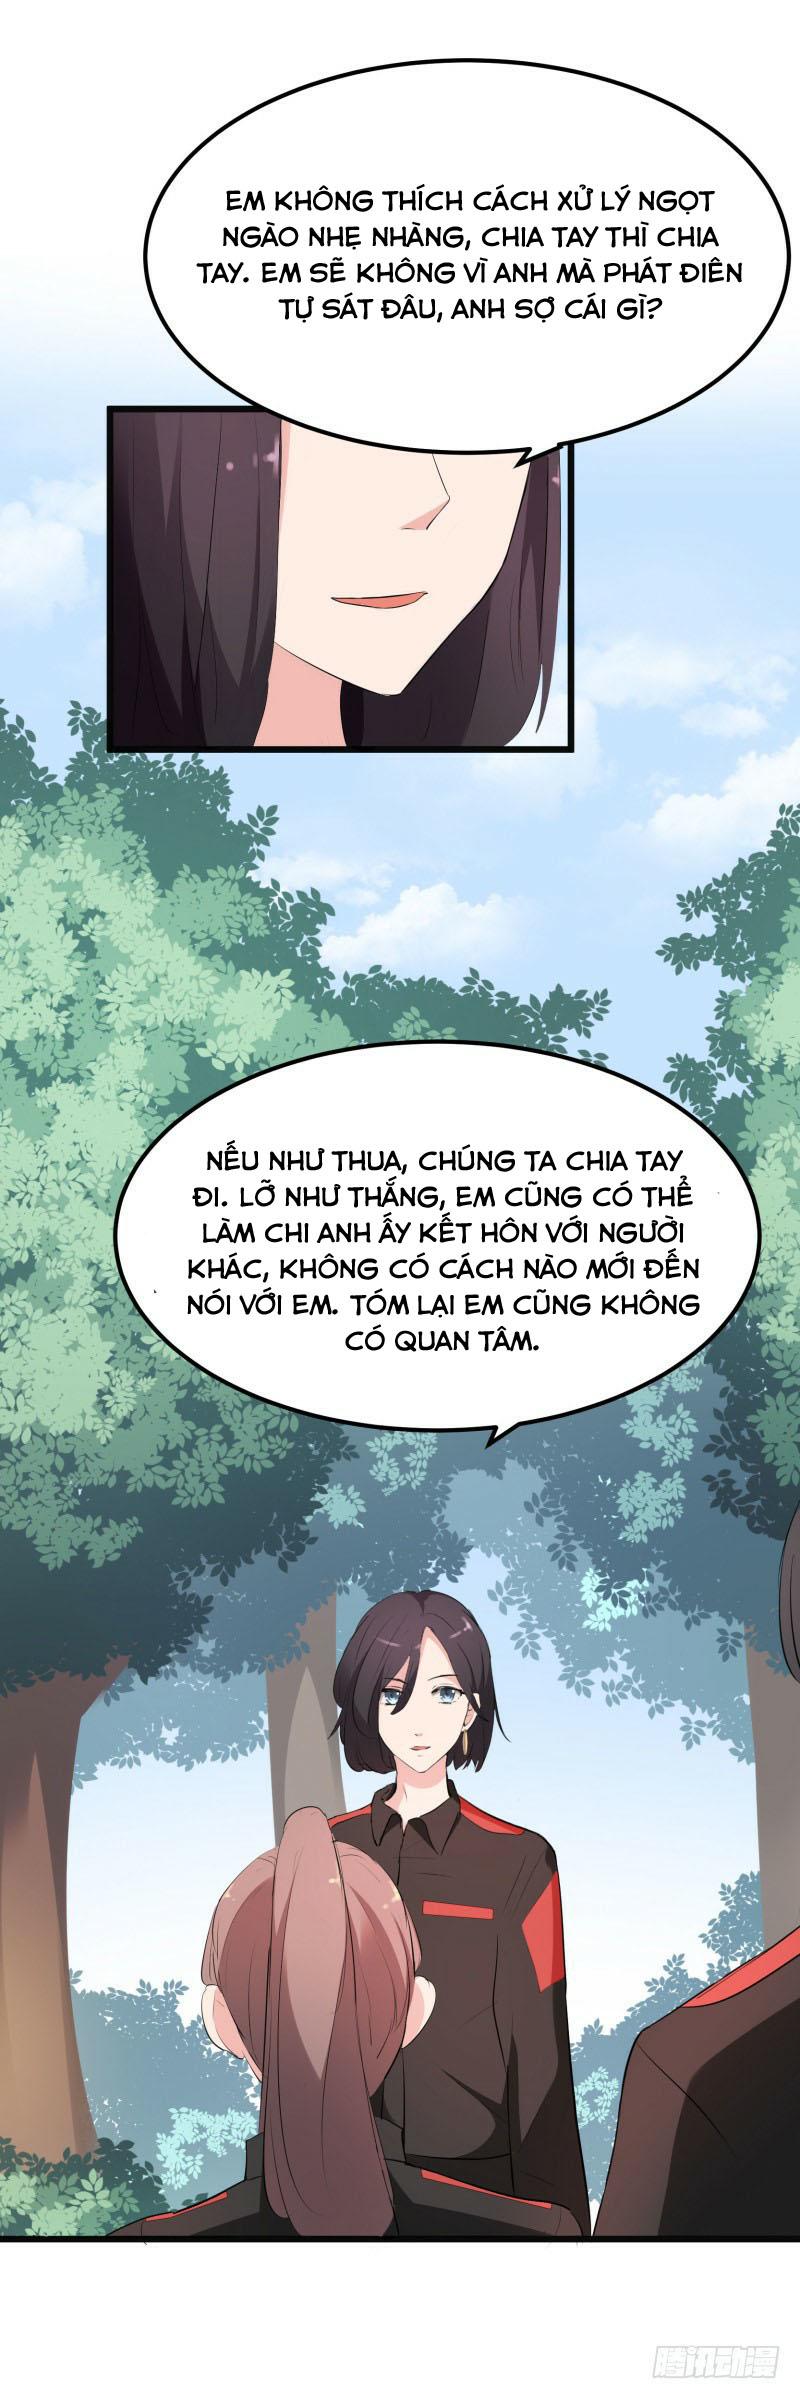 Quay Đầu Nhìn Lại, Anh Yêu Em! chap 37 - Trang 15